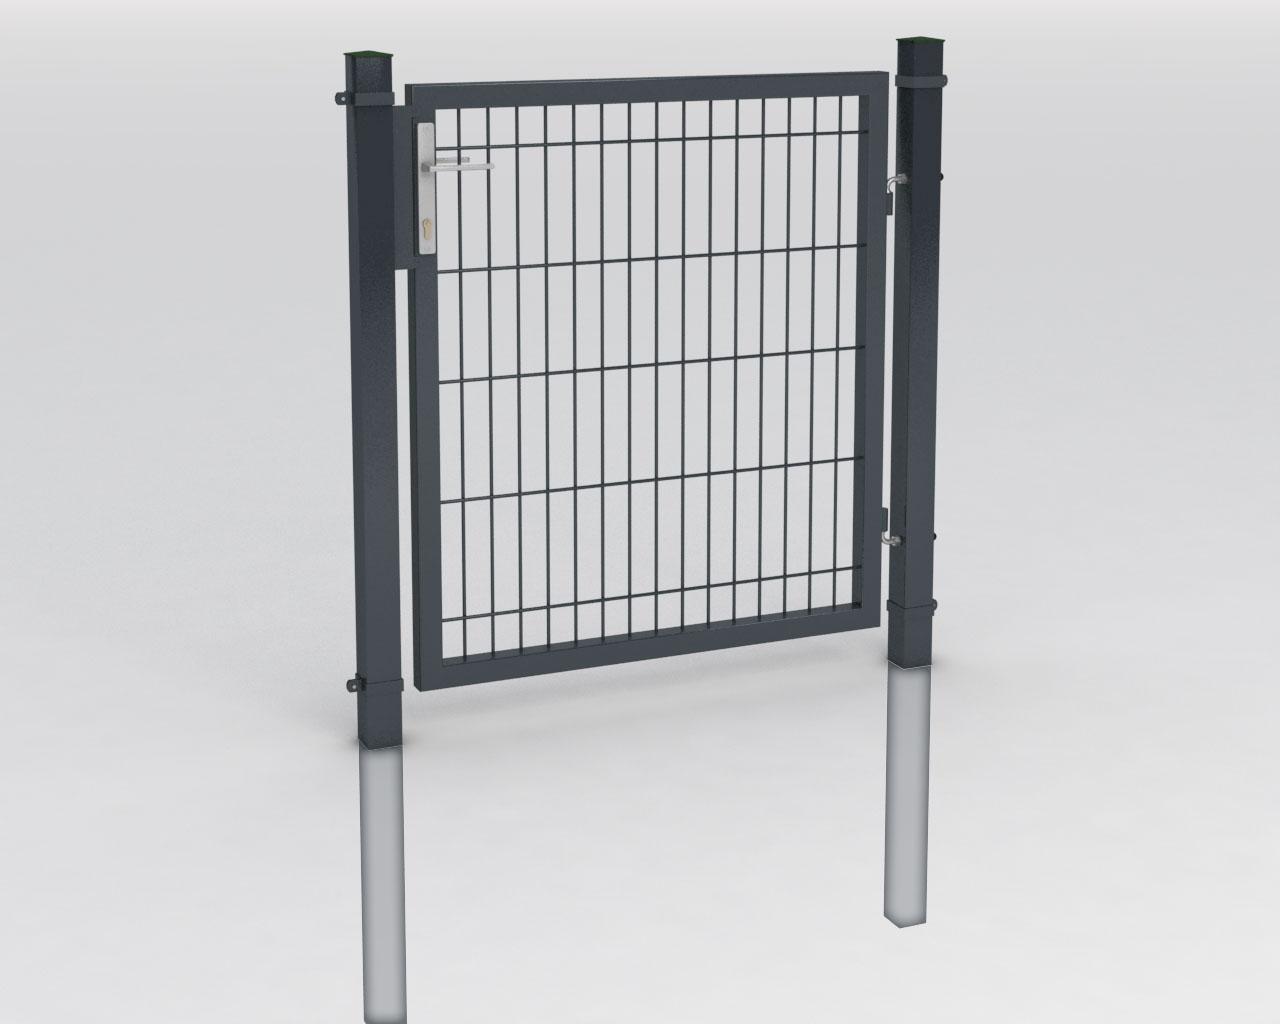 wundersch nen guck nich sichtschutz einzigartige ideen zum sichtschutz. Black Bedroom Furniture Sets. Home Design Ideas